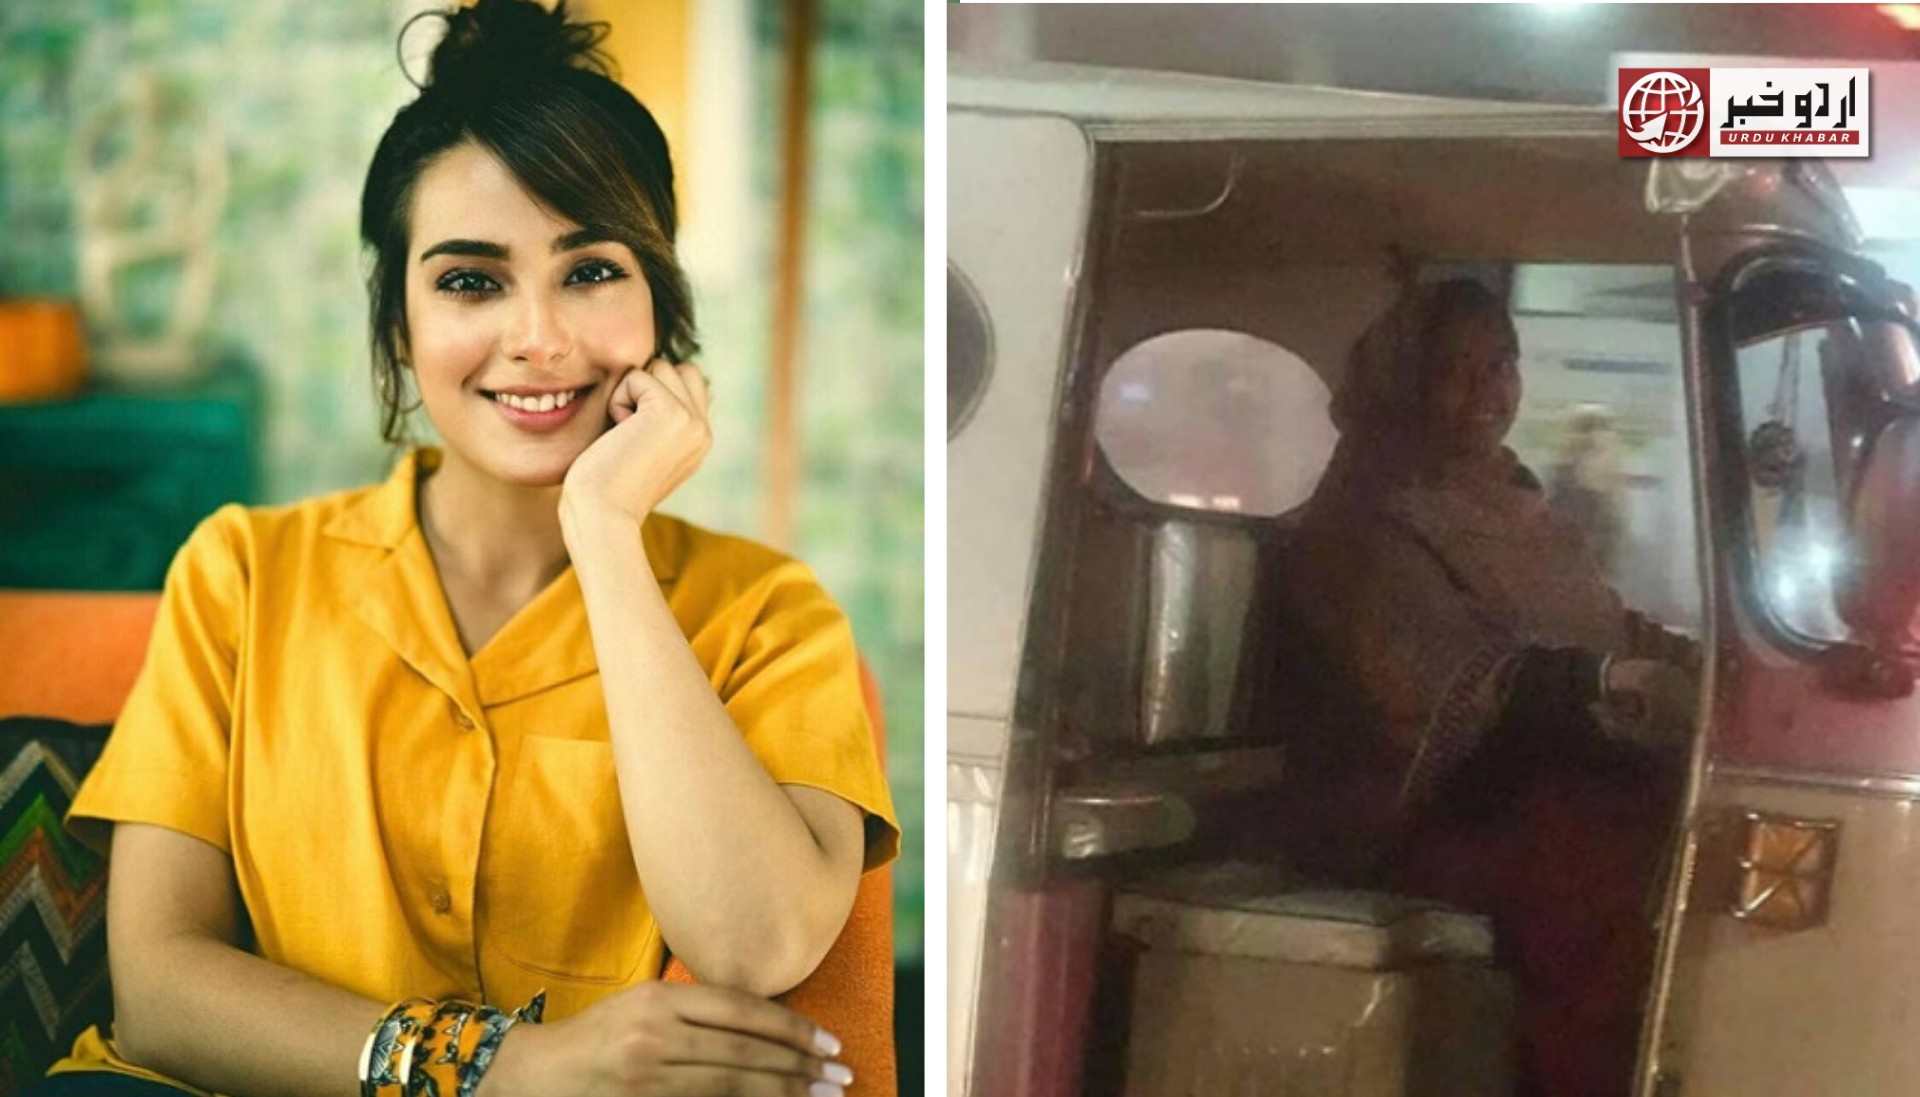 بھیک نہیں مانگوں گی، اداکارہ اقرا عزیز نے تصویر شئیر کر دی